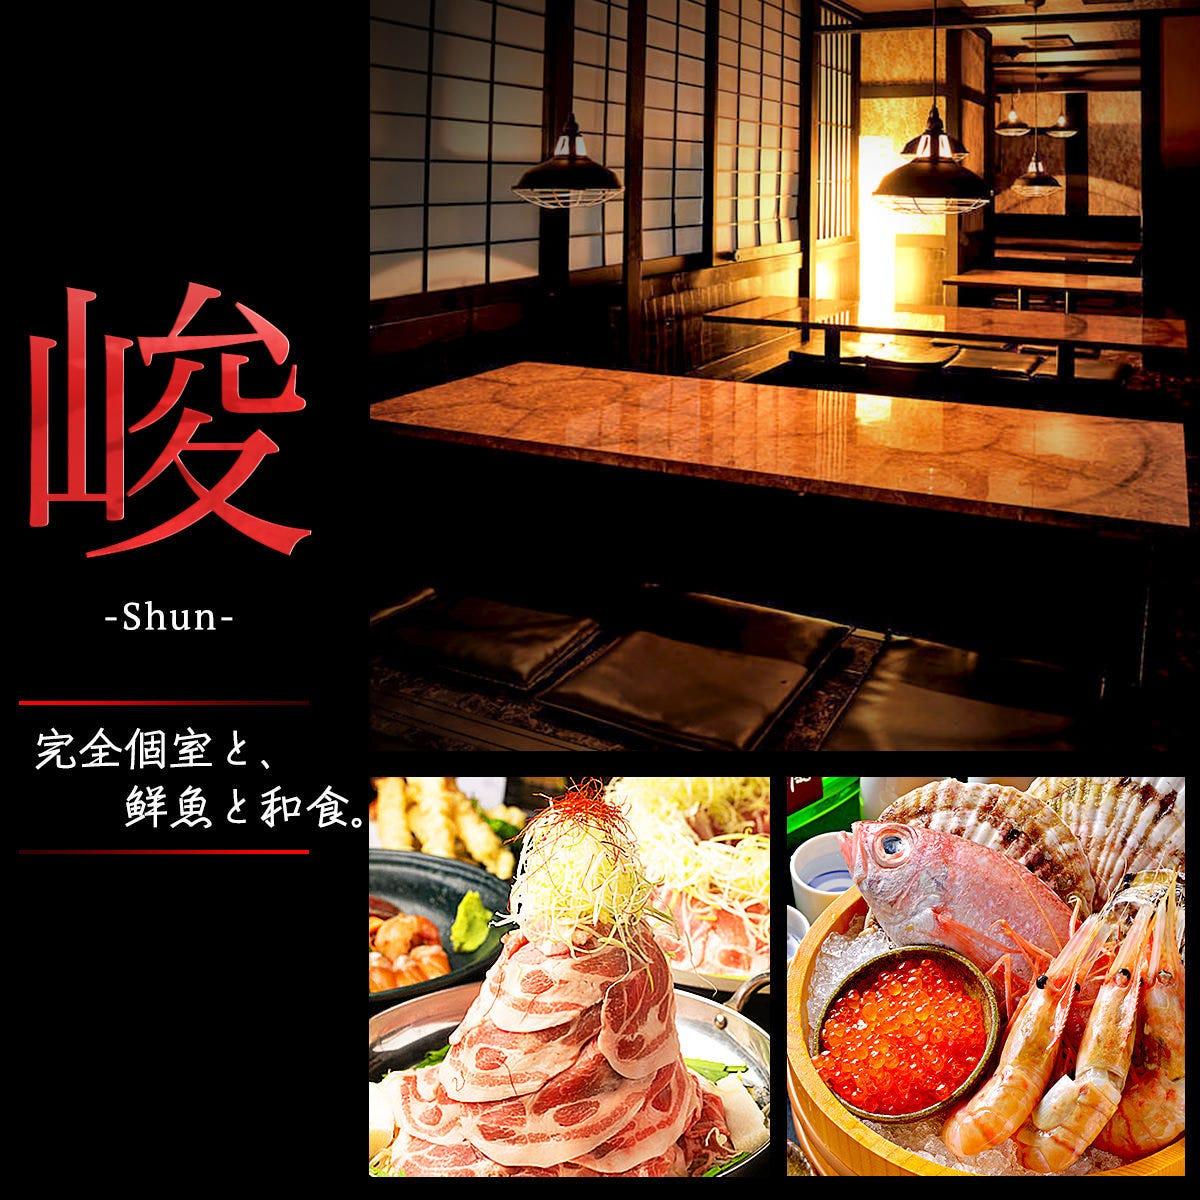 デザイナーズ個室×和食 峻‐shun‐ 豊田店